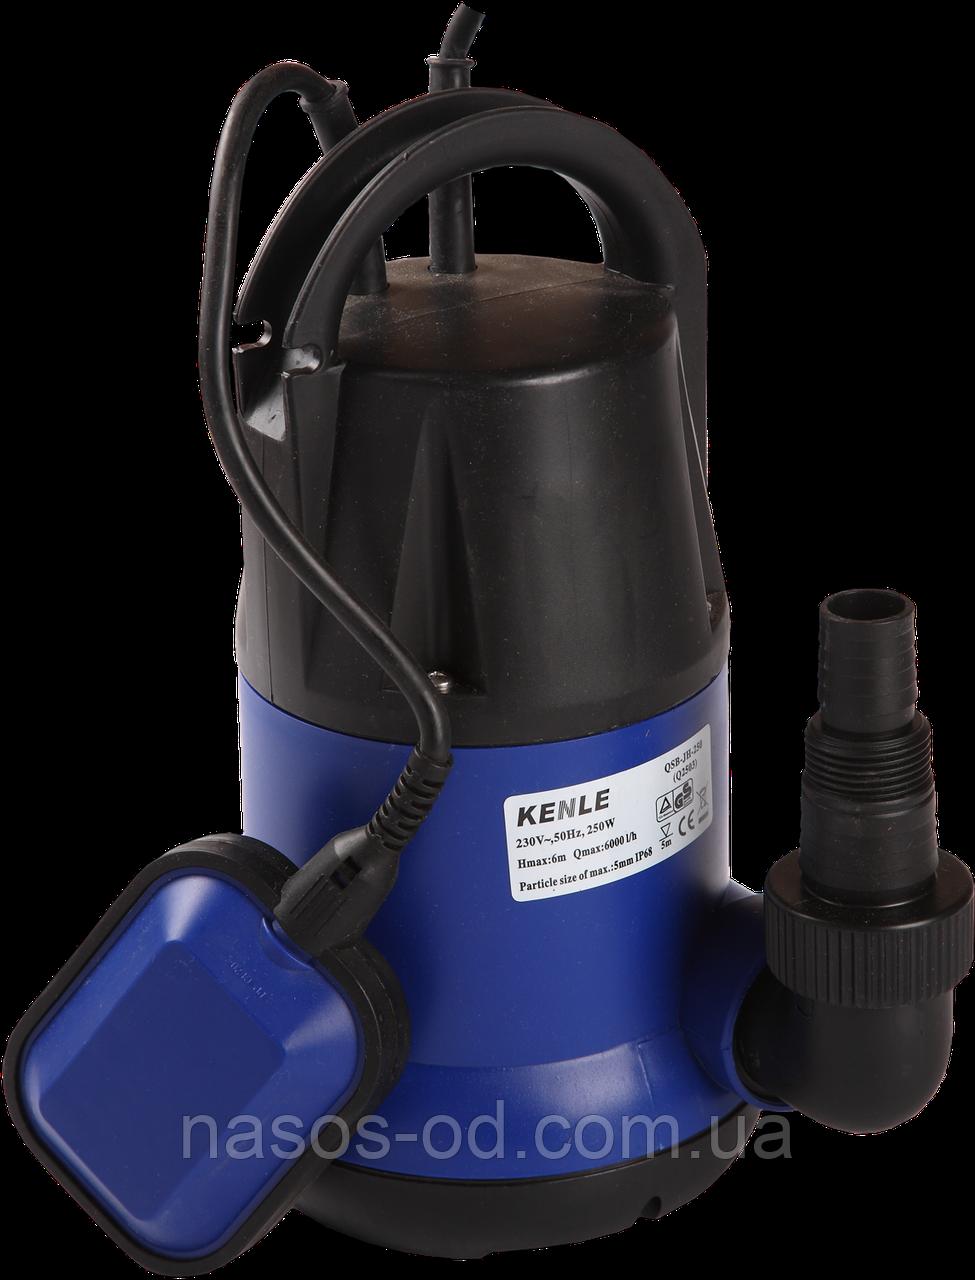 Дренажный насос Kenle NEK PN-203 садовый для колодцев 0.75кВт Hmax8м Qmax133л/мин